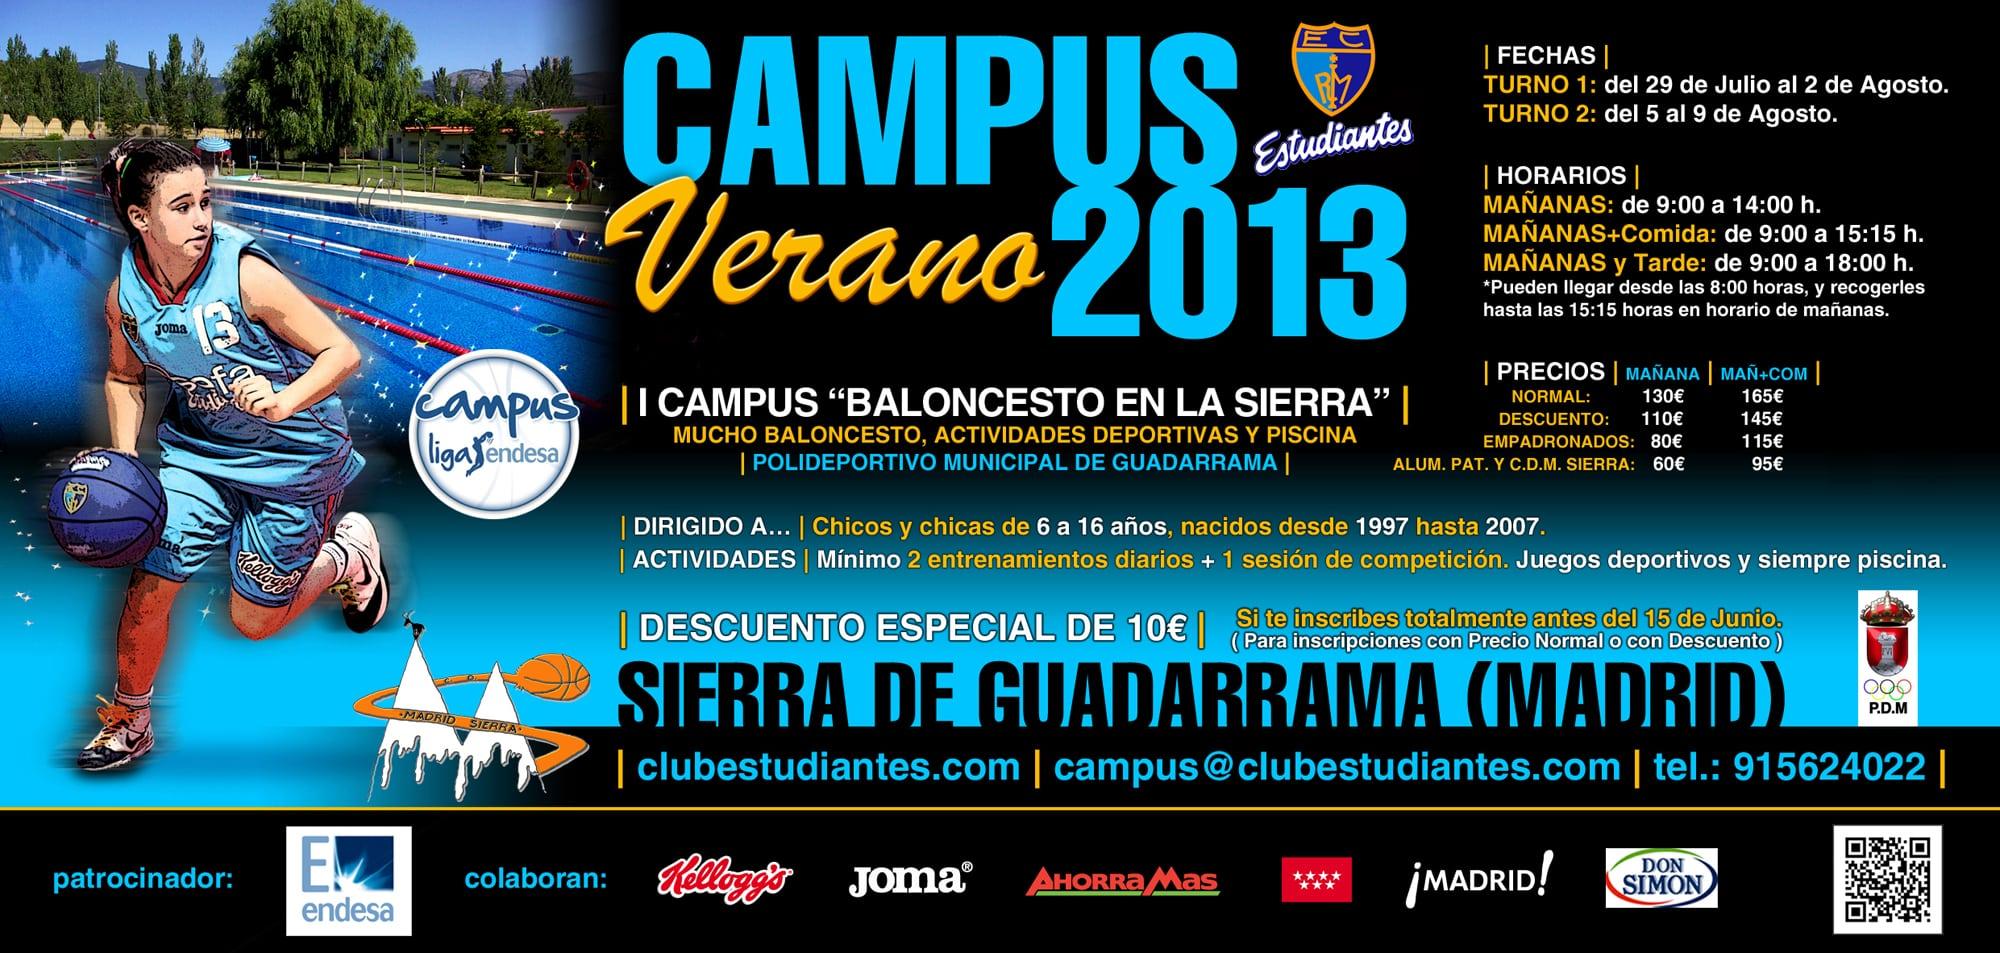 """I Campus """"Baloncesto en la Sierra"""" (Guadarrama)"""